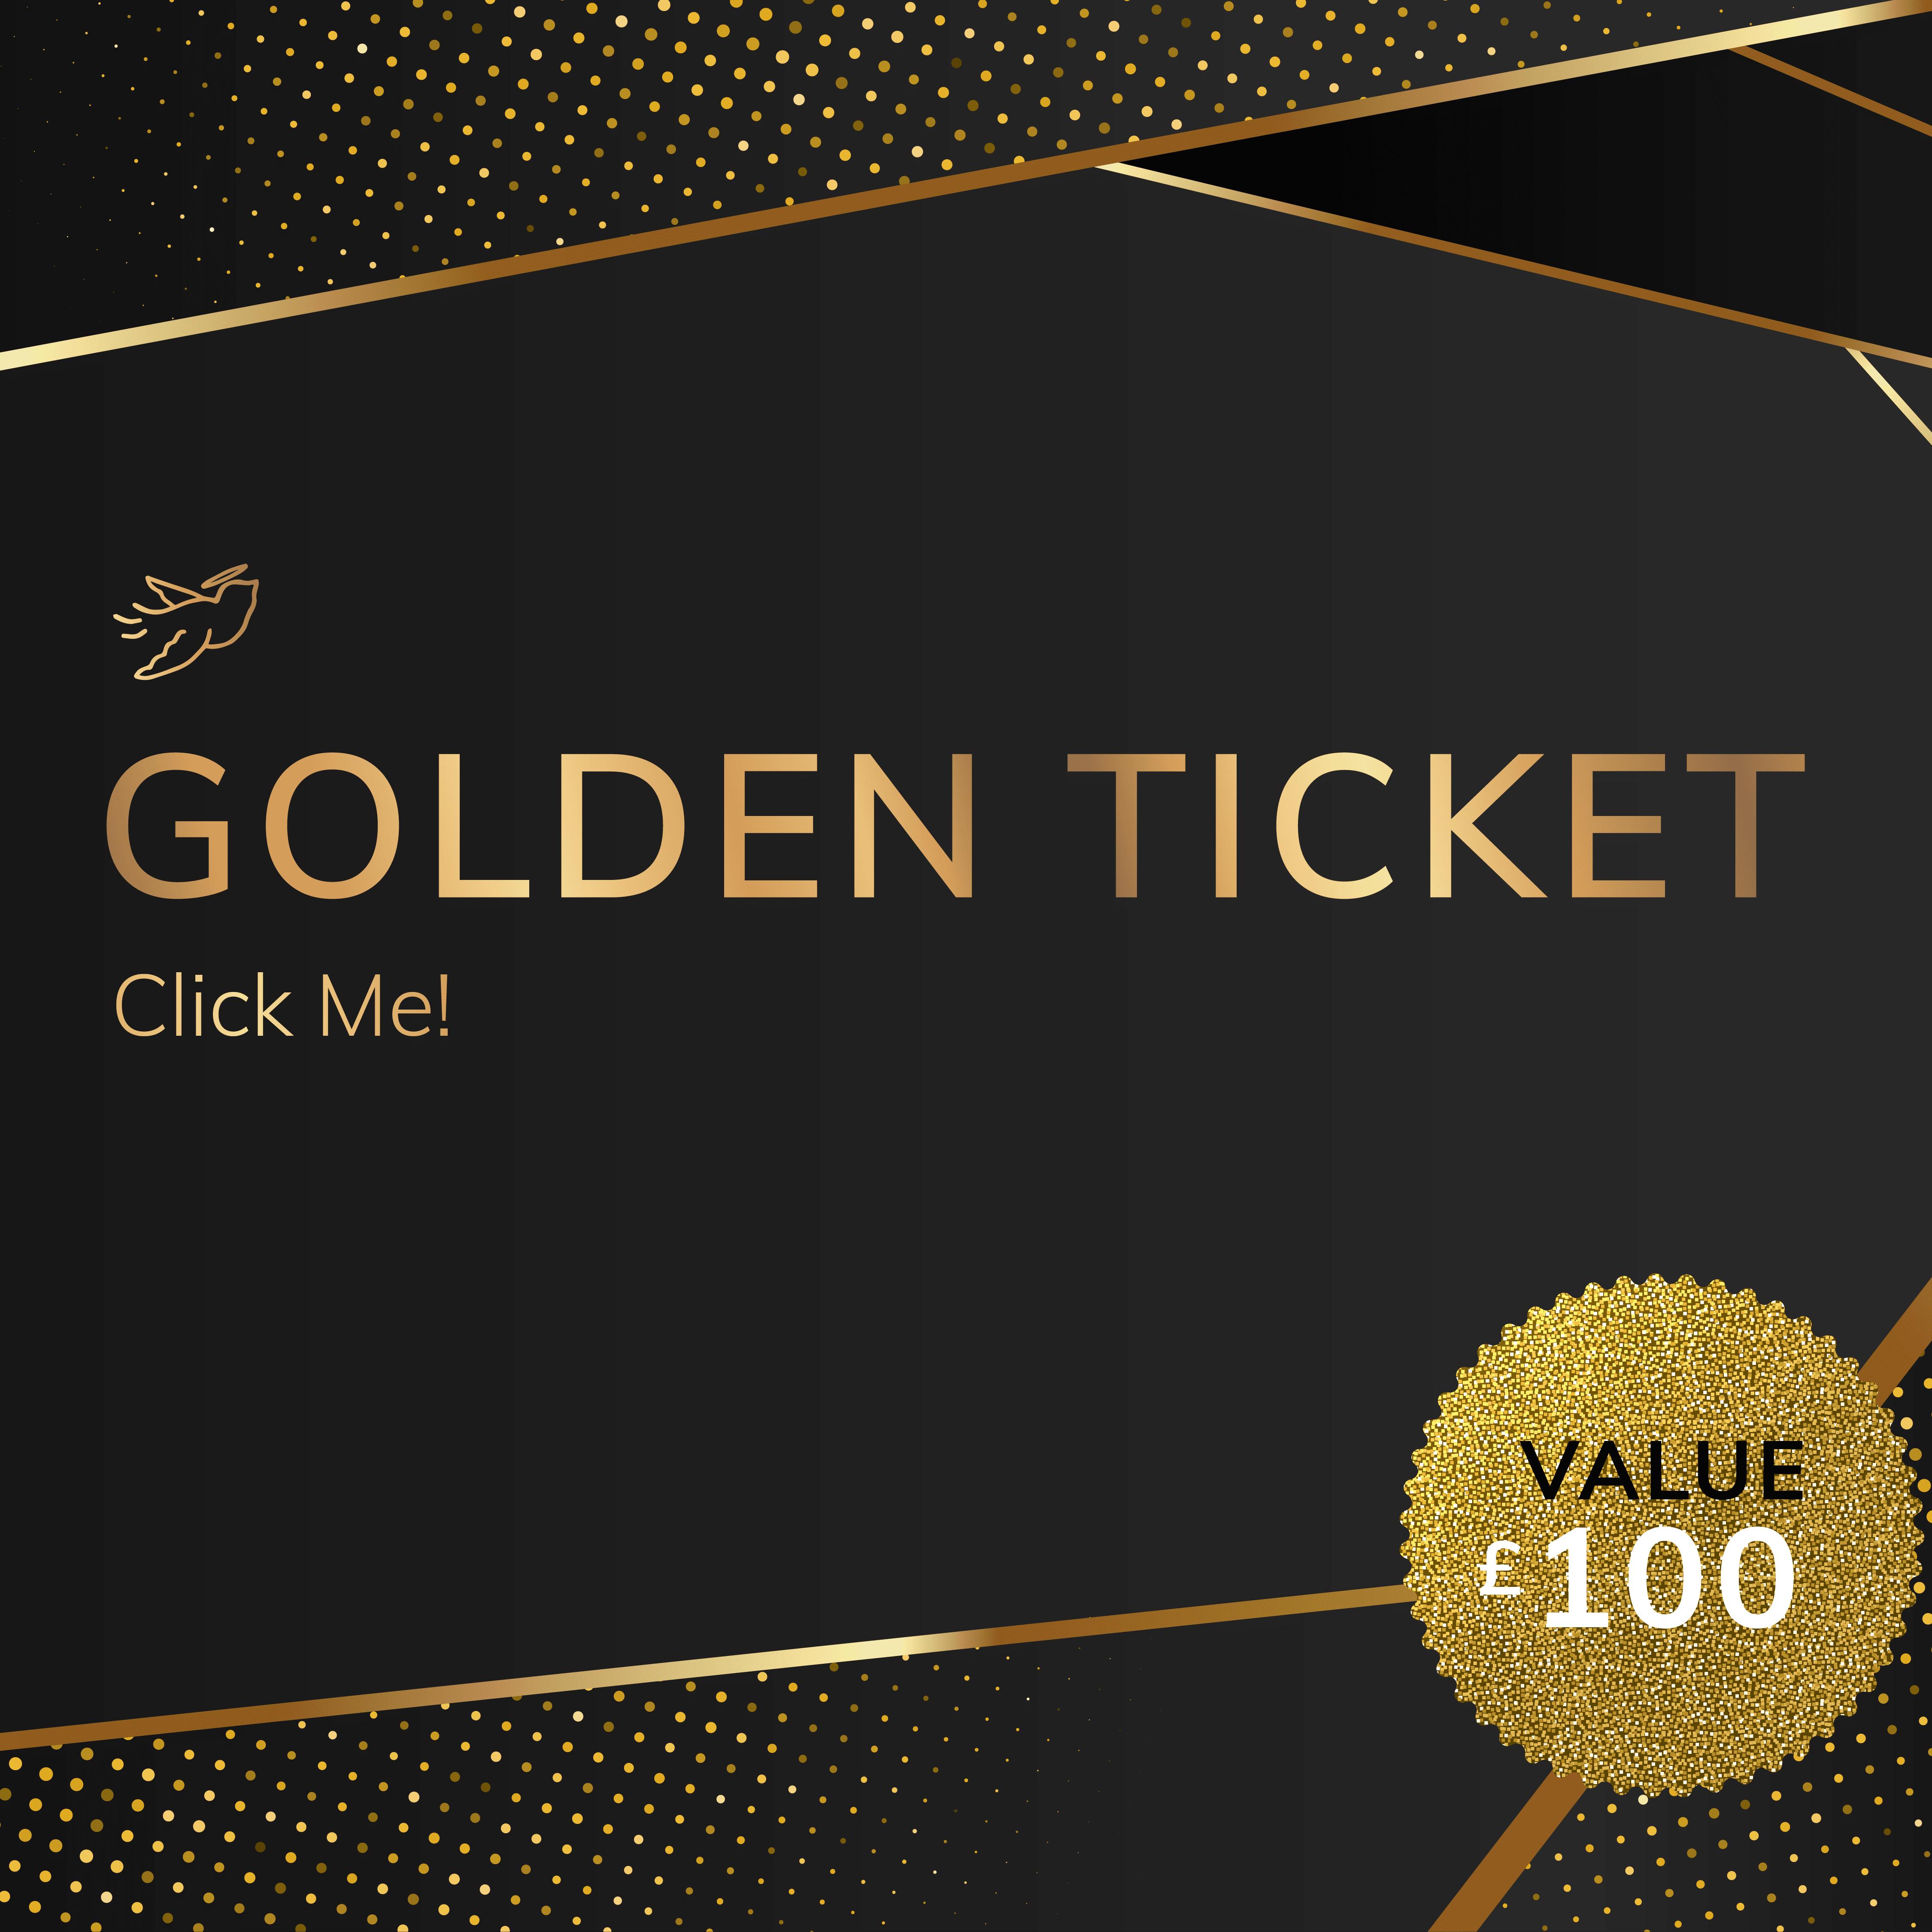 Saint Financial Group - Golden Ticket